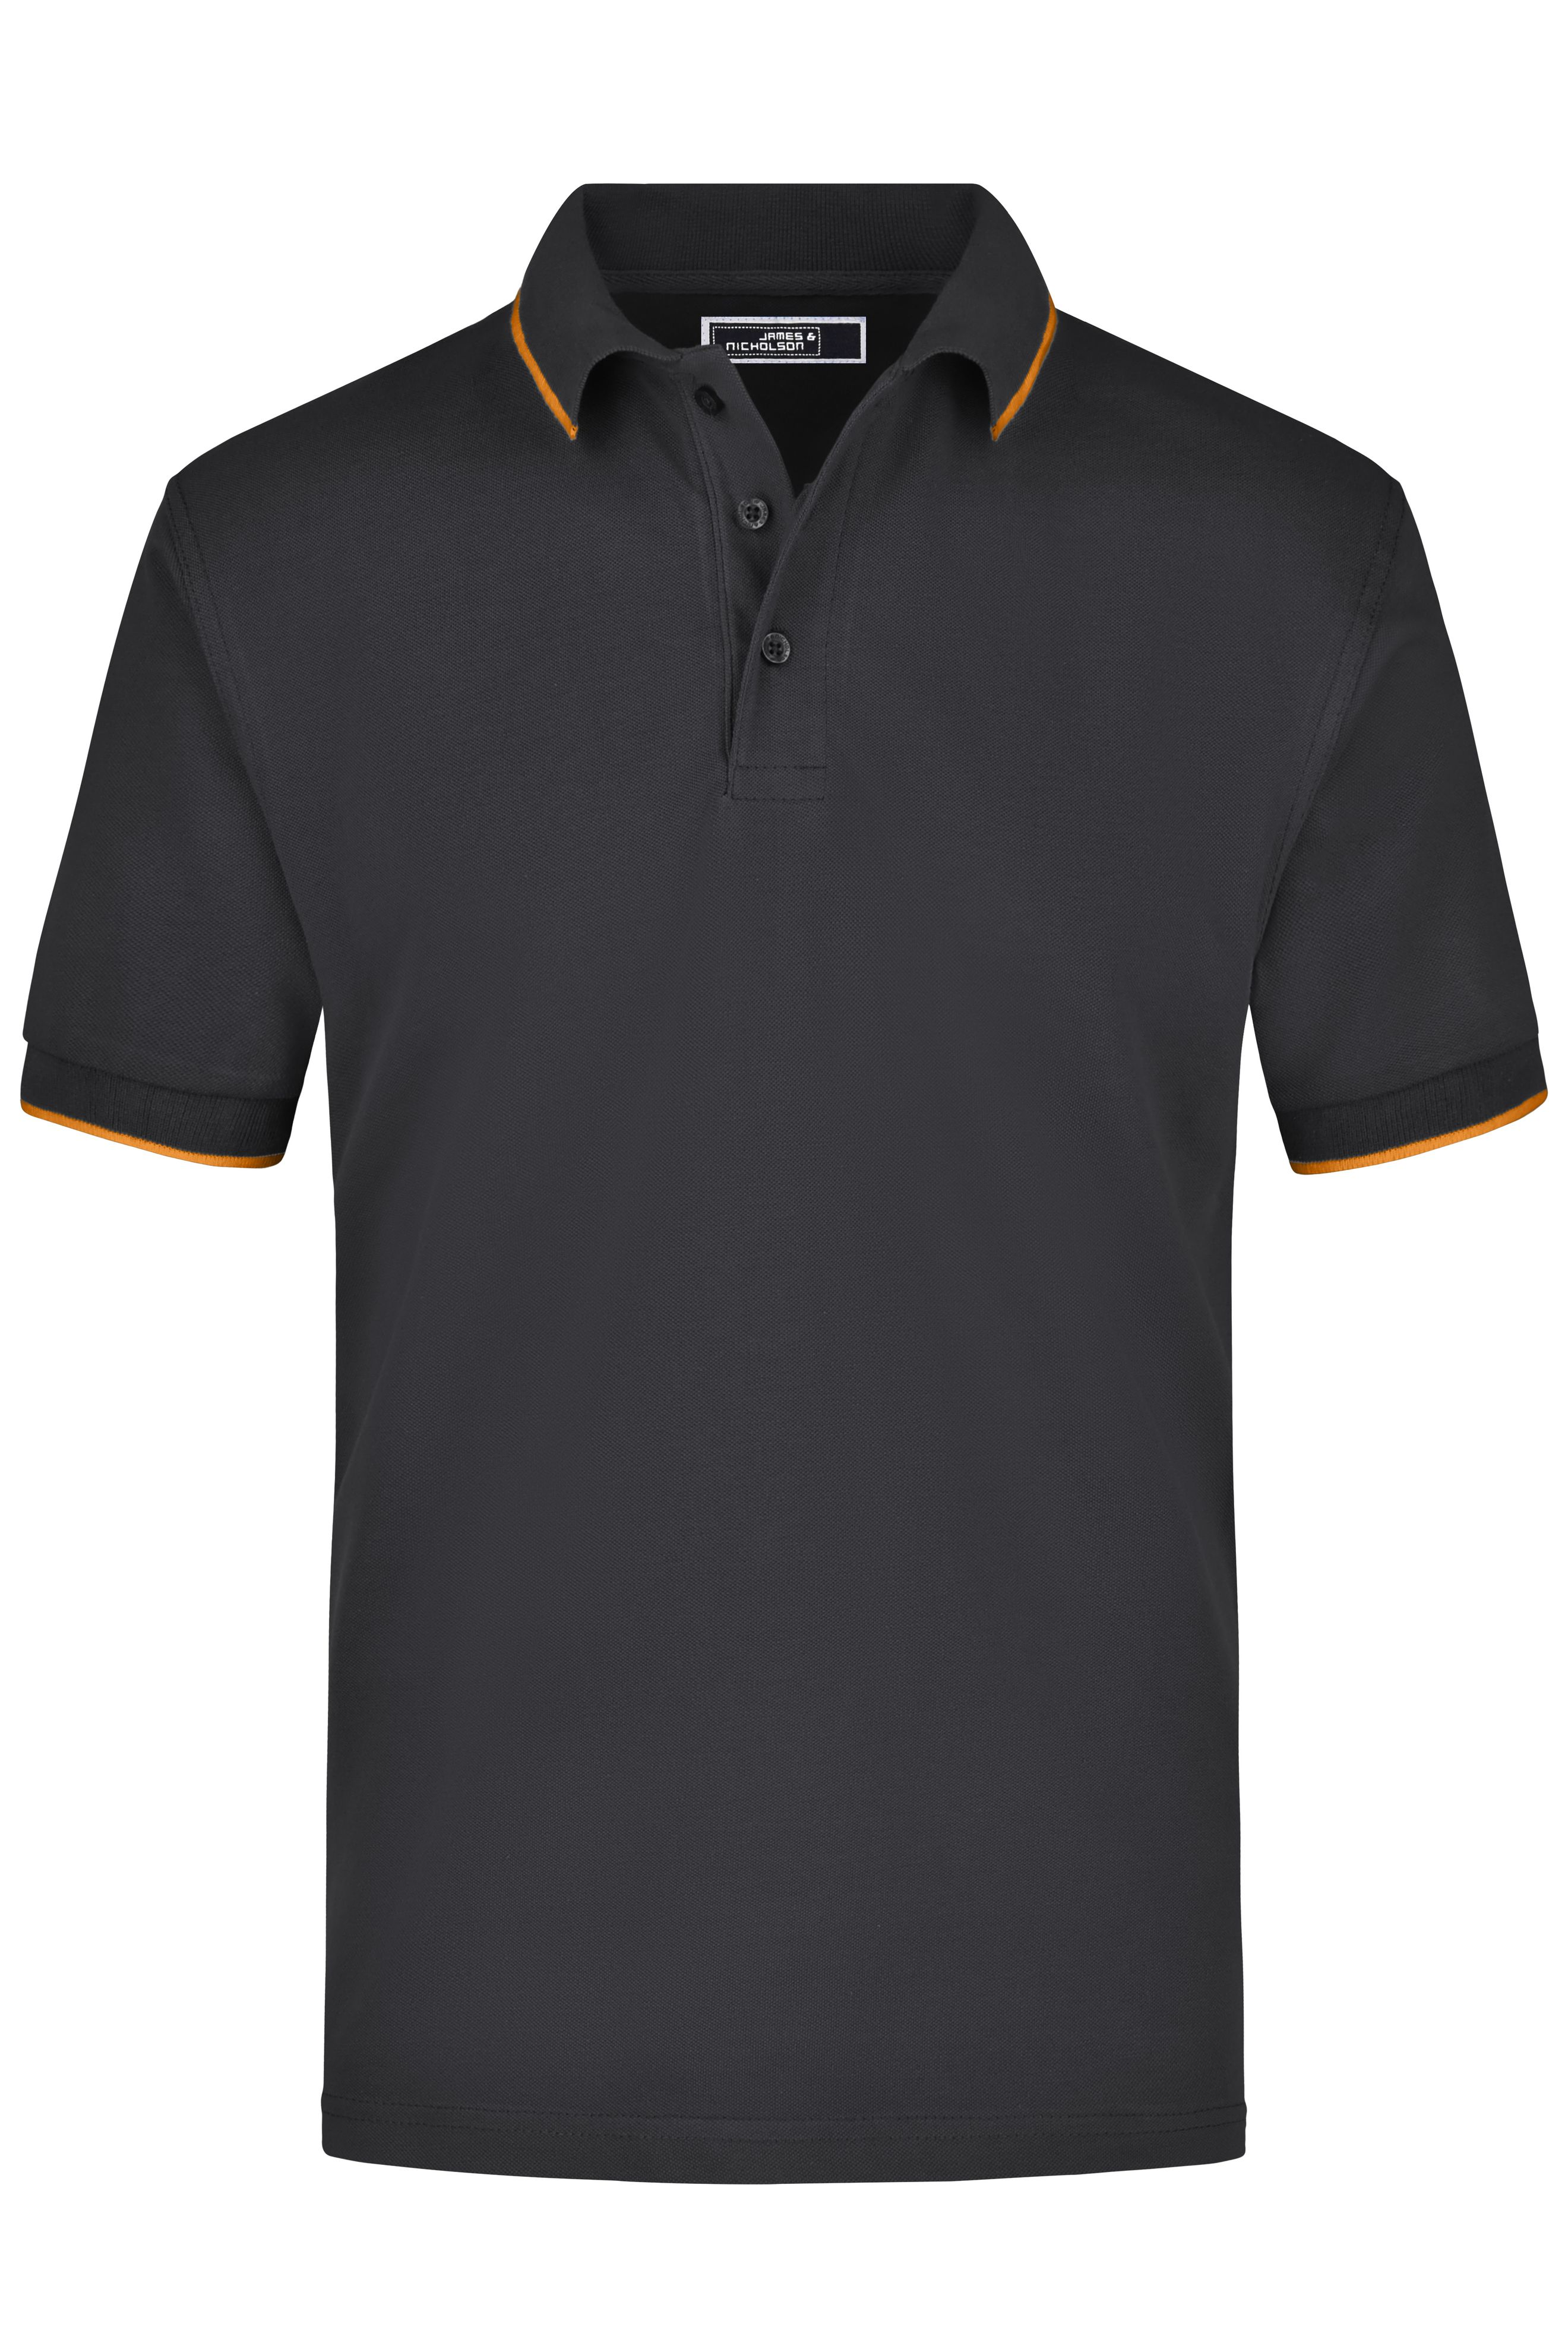 Hochwertiges Piqué-Polohemd mit Kontraststreifen